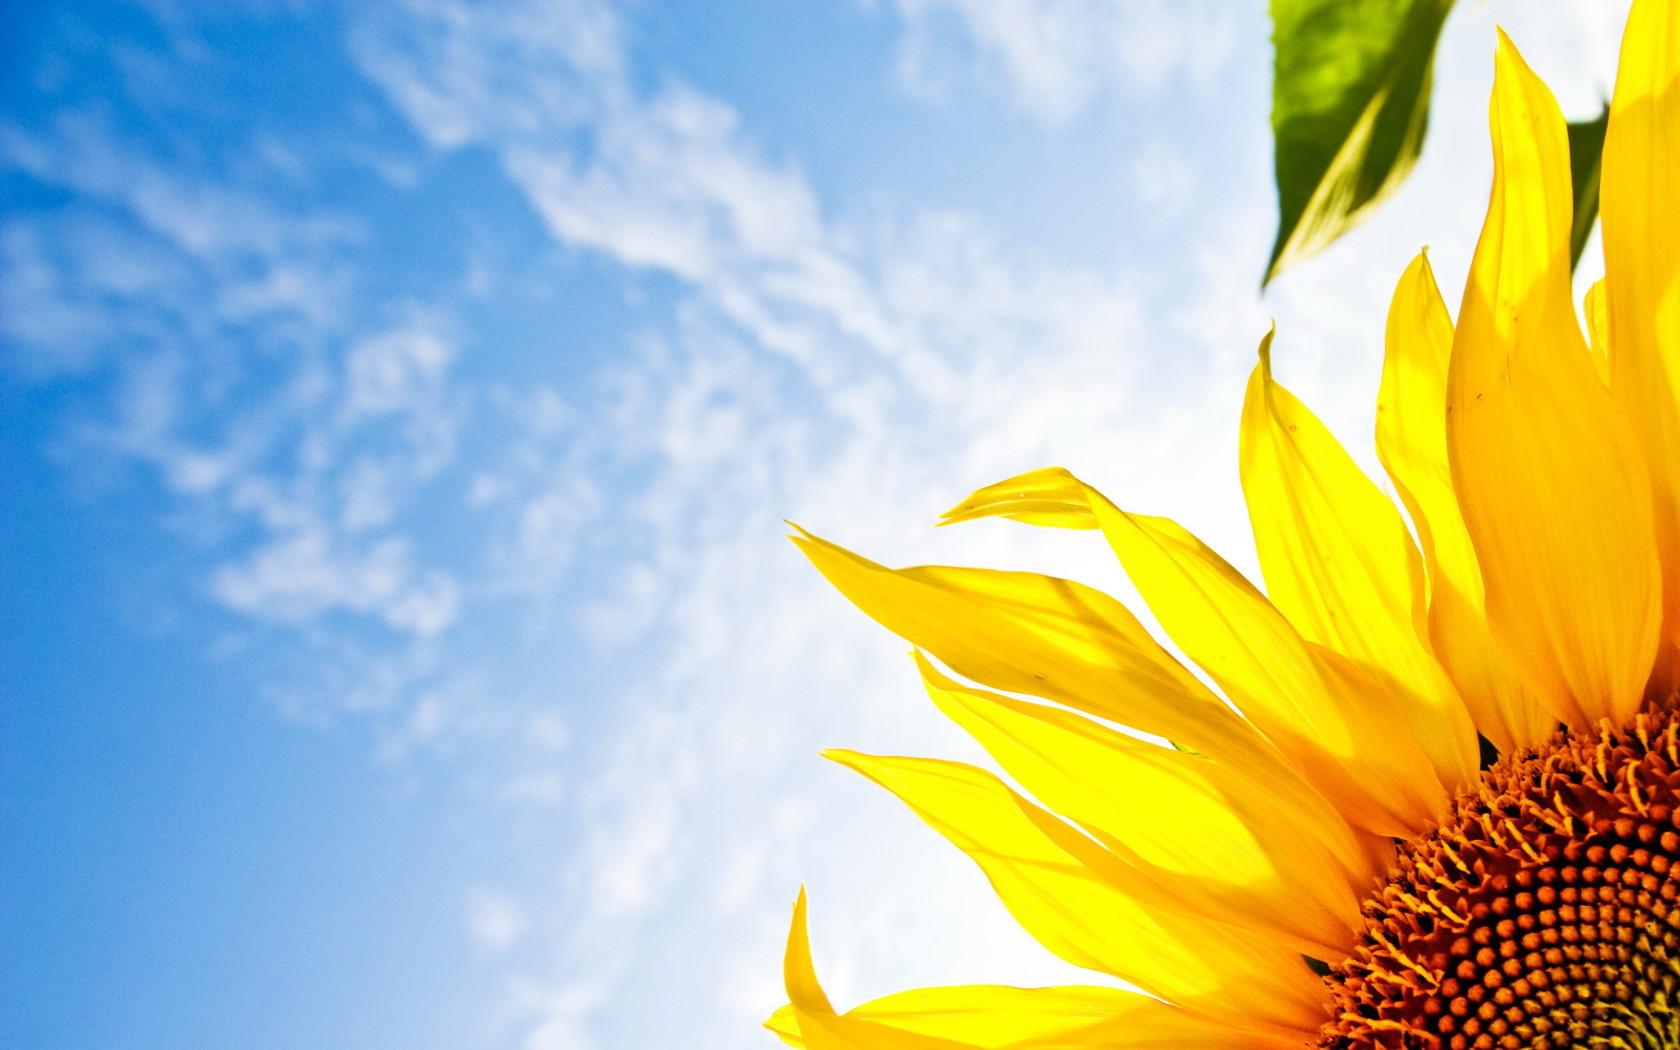 壁紙】 夏らしい向日葵の 壁紙 【ひまわり】 - naver まとめ